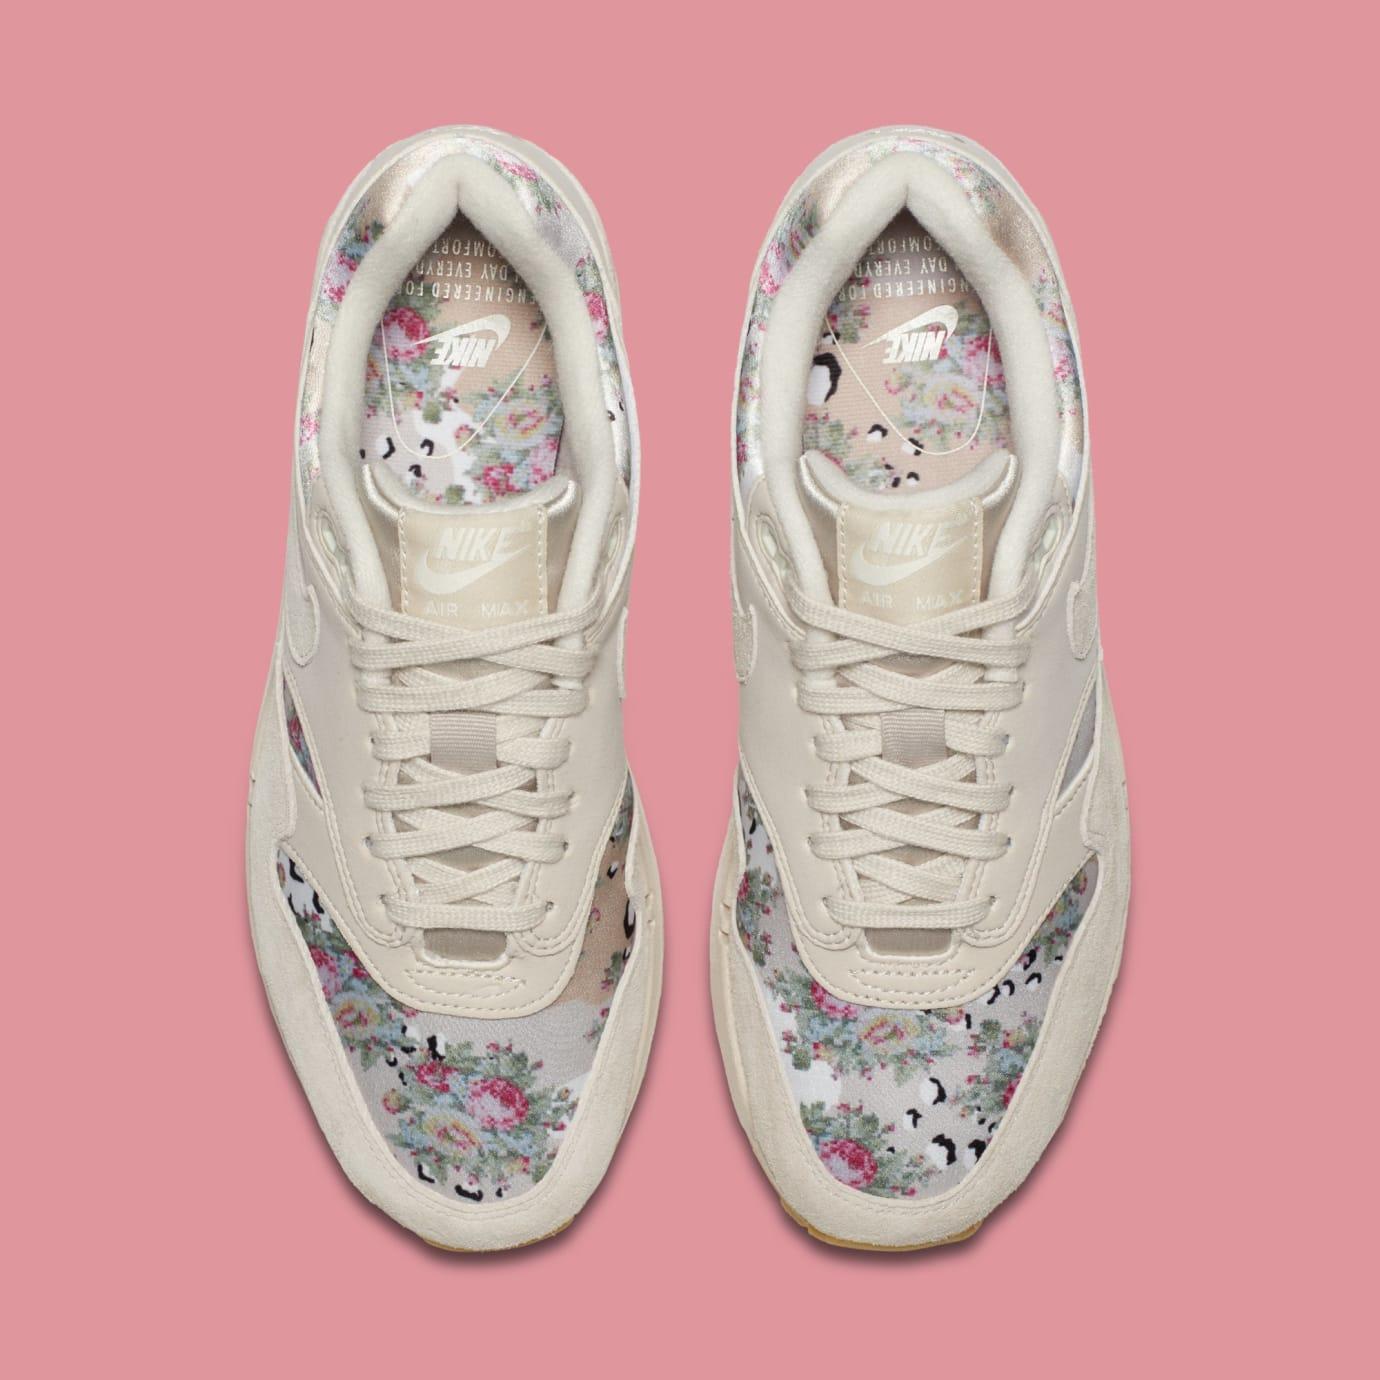 WMNS Nike Air Max 1 'Floral Camo' AQ6378-001 (Top)